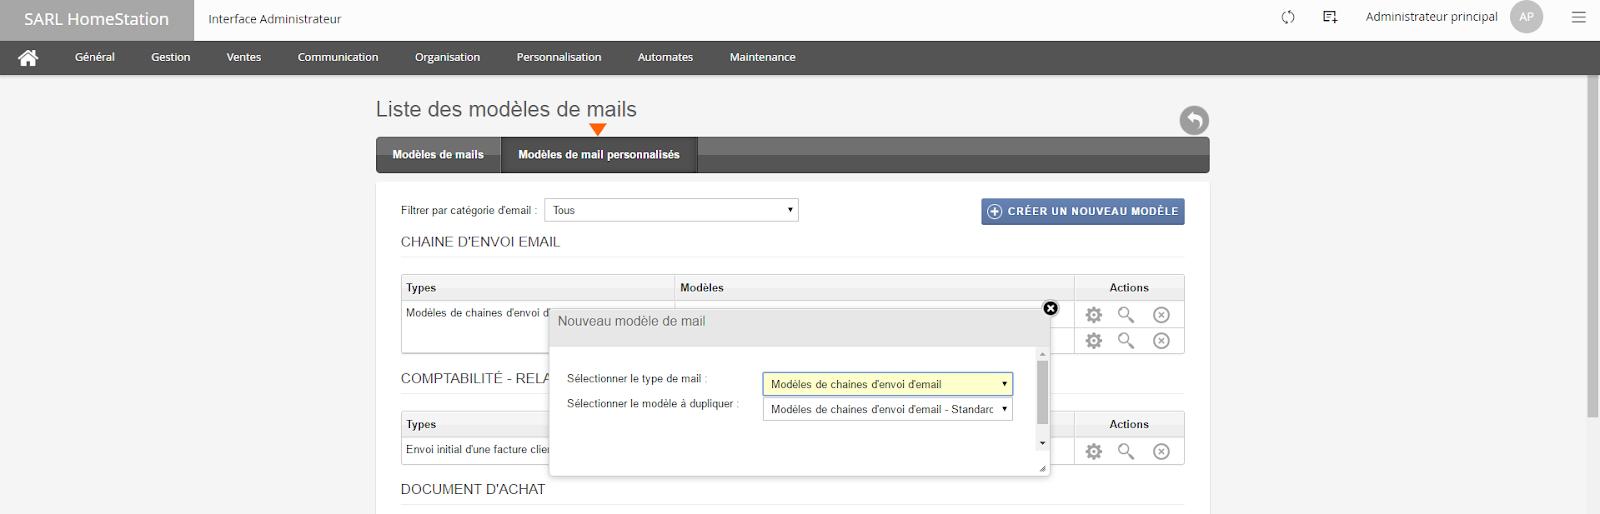 Liste des modèles de mails perso Newsletter2.png